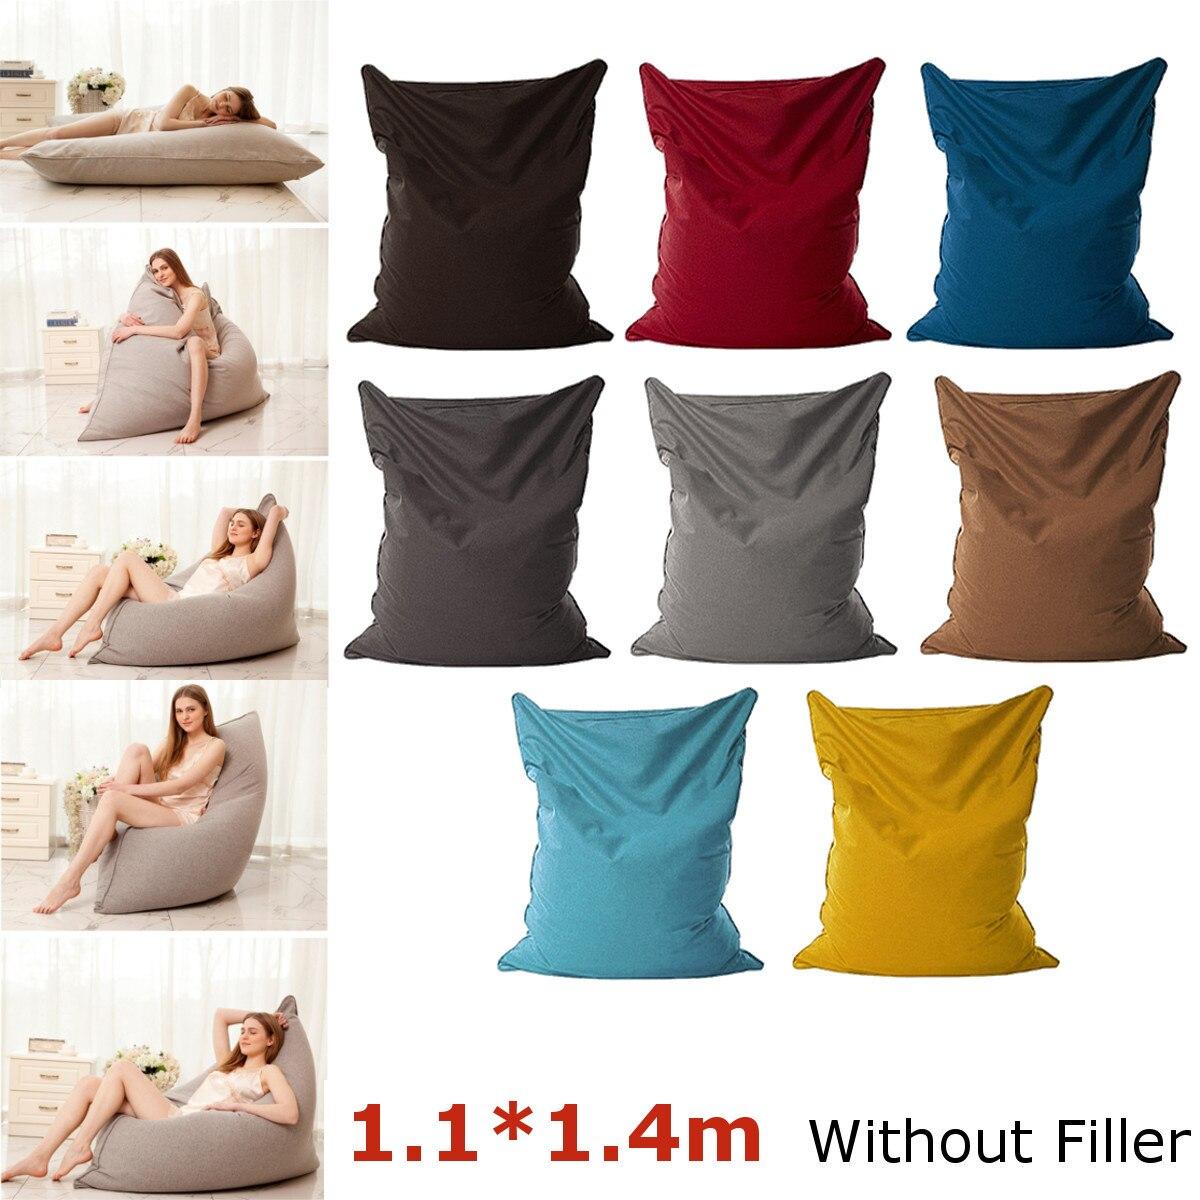 Housse seulement pas de remplissage pouf canapé chaise sac magique housses de siège confort pouf housse de lit imperméable intérieur pouf chaise longue